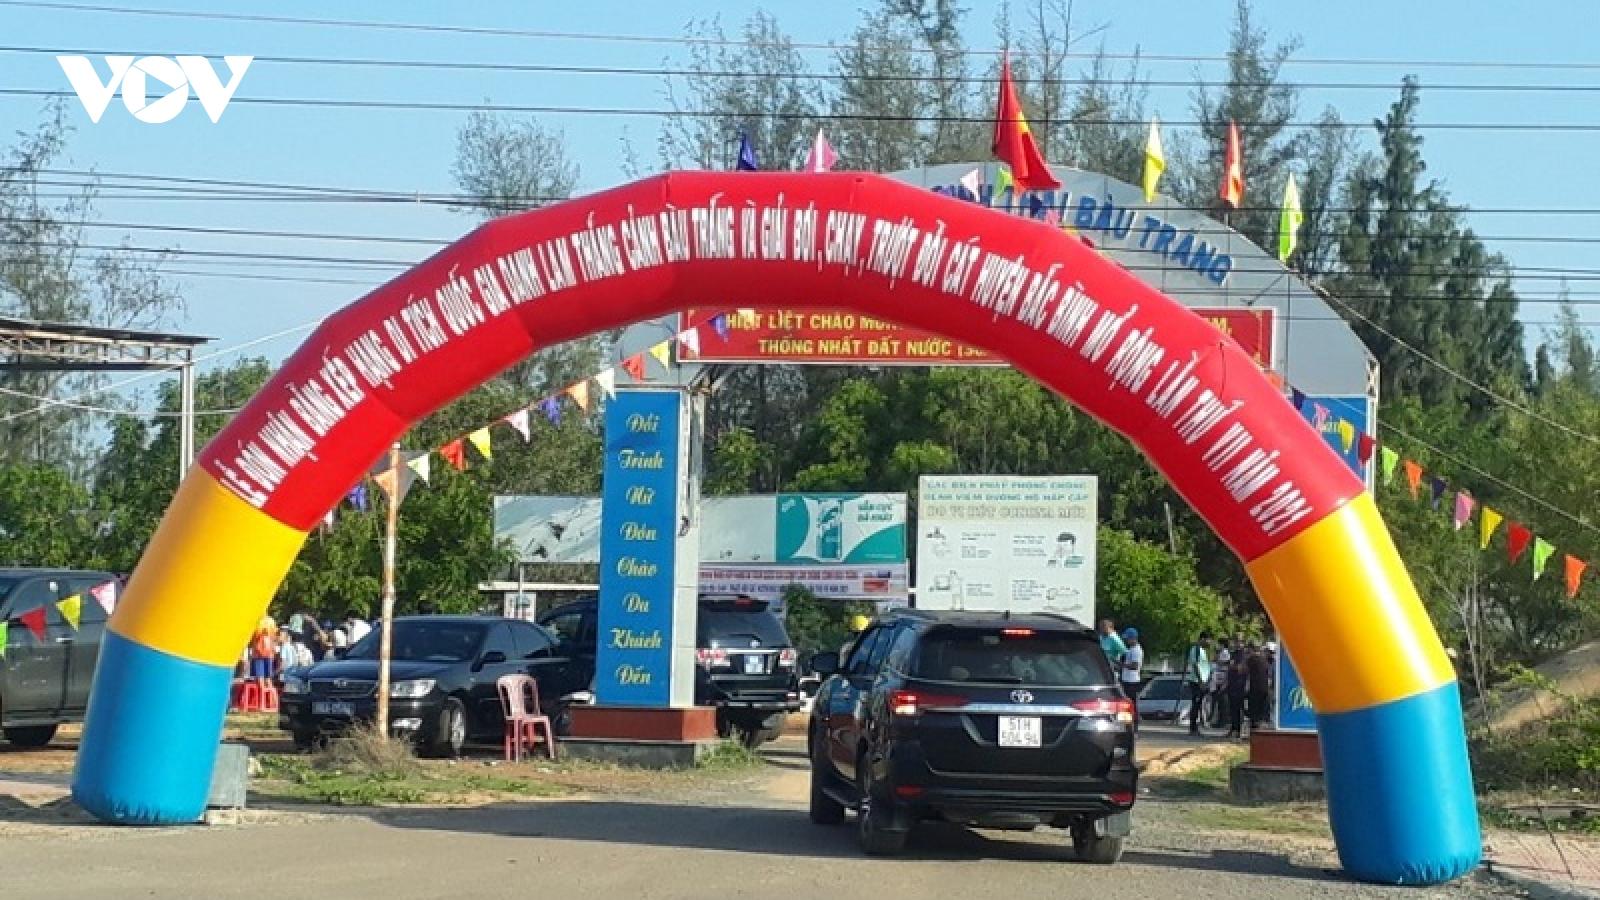 Bình Thuận tạm dừng đón khách du lịch đến từ TP.HCM kể từ ngày 30/5